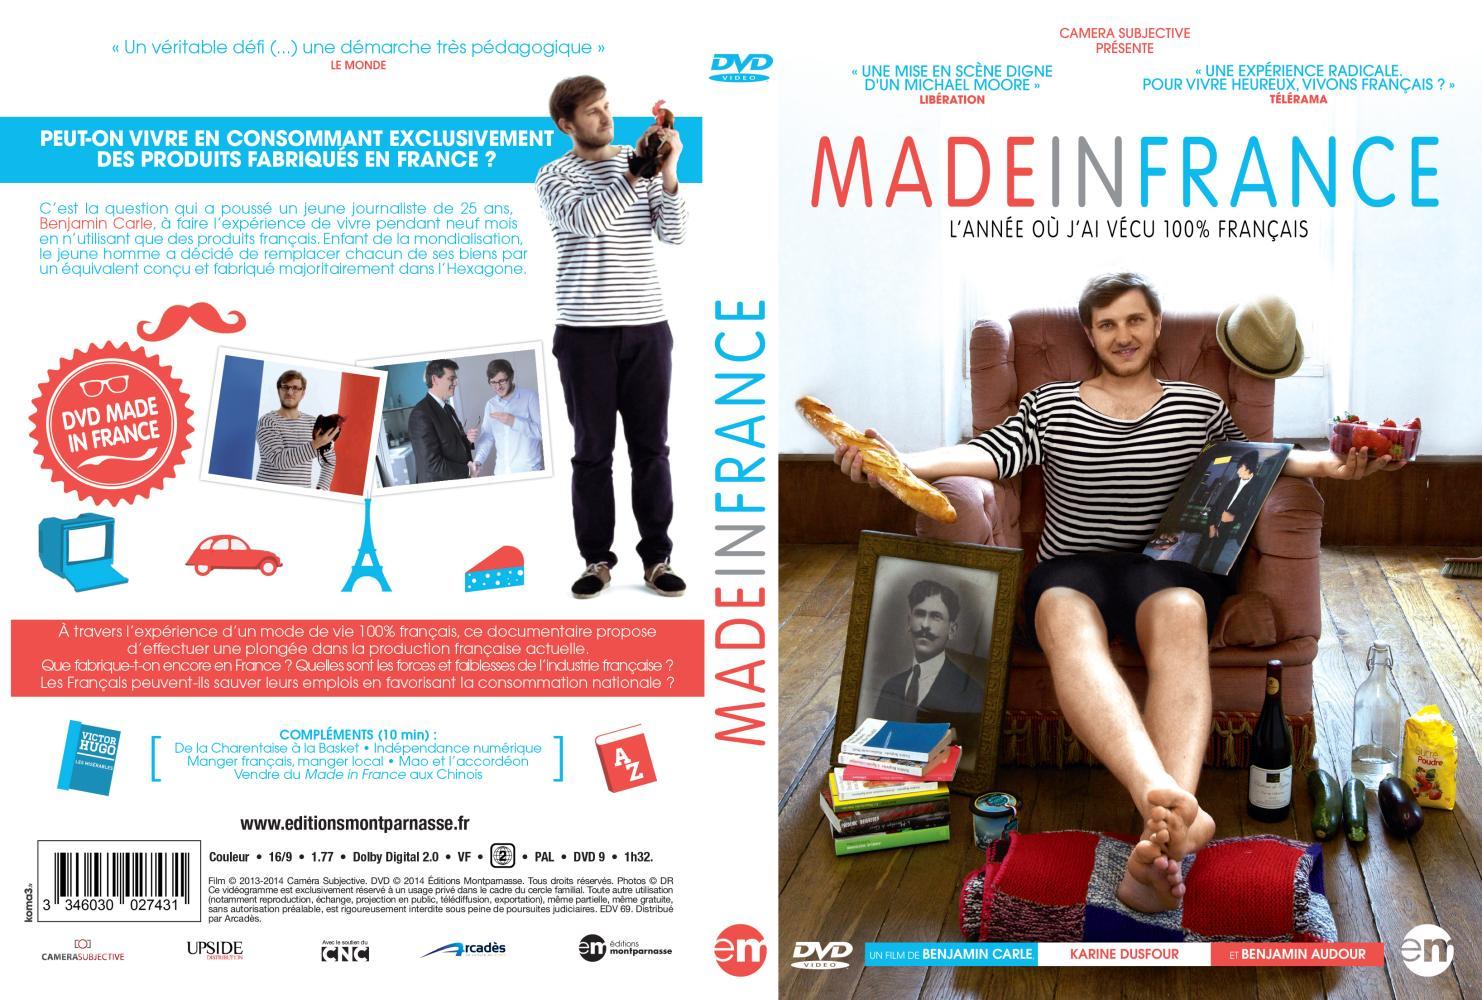 made in france dvd editions montparnasse la culture en dvd blu ray et vod. Black Bedroom Furniture Sets. Home Design Ideas